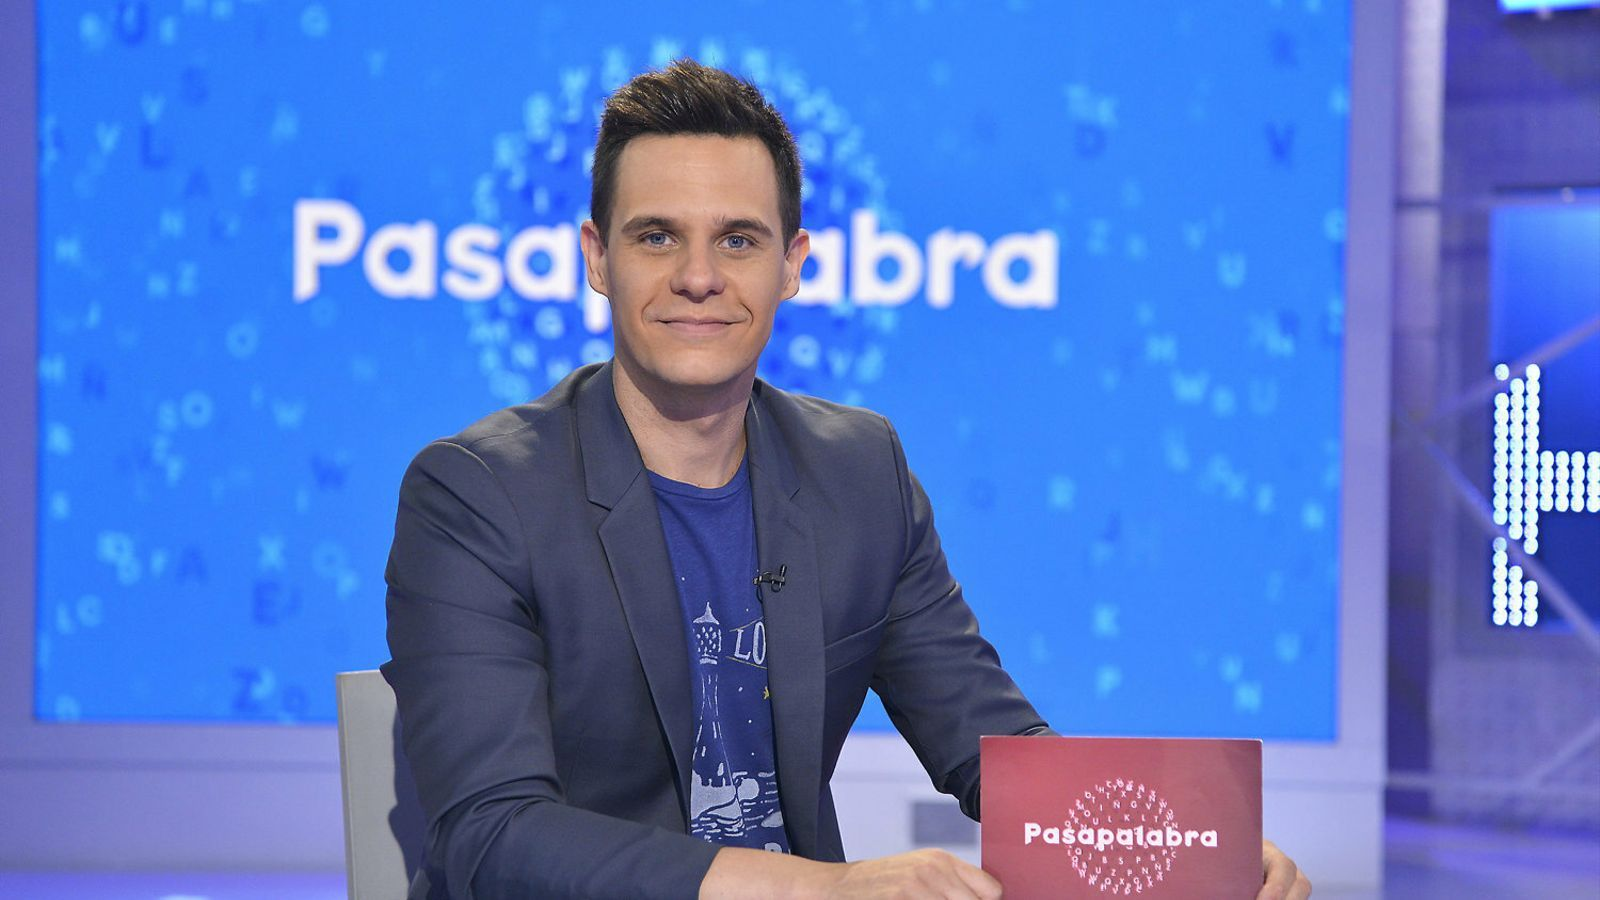 Amb la 'p': concurs que Telecinco no troba a faltar gaire